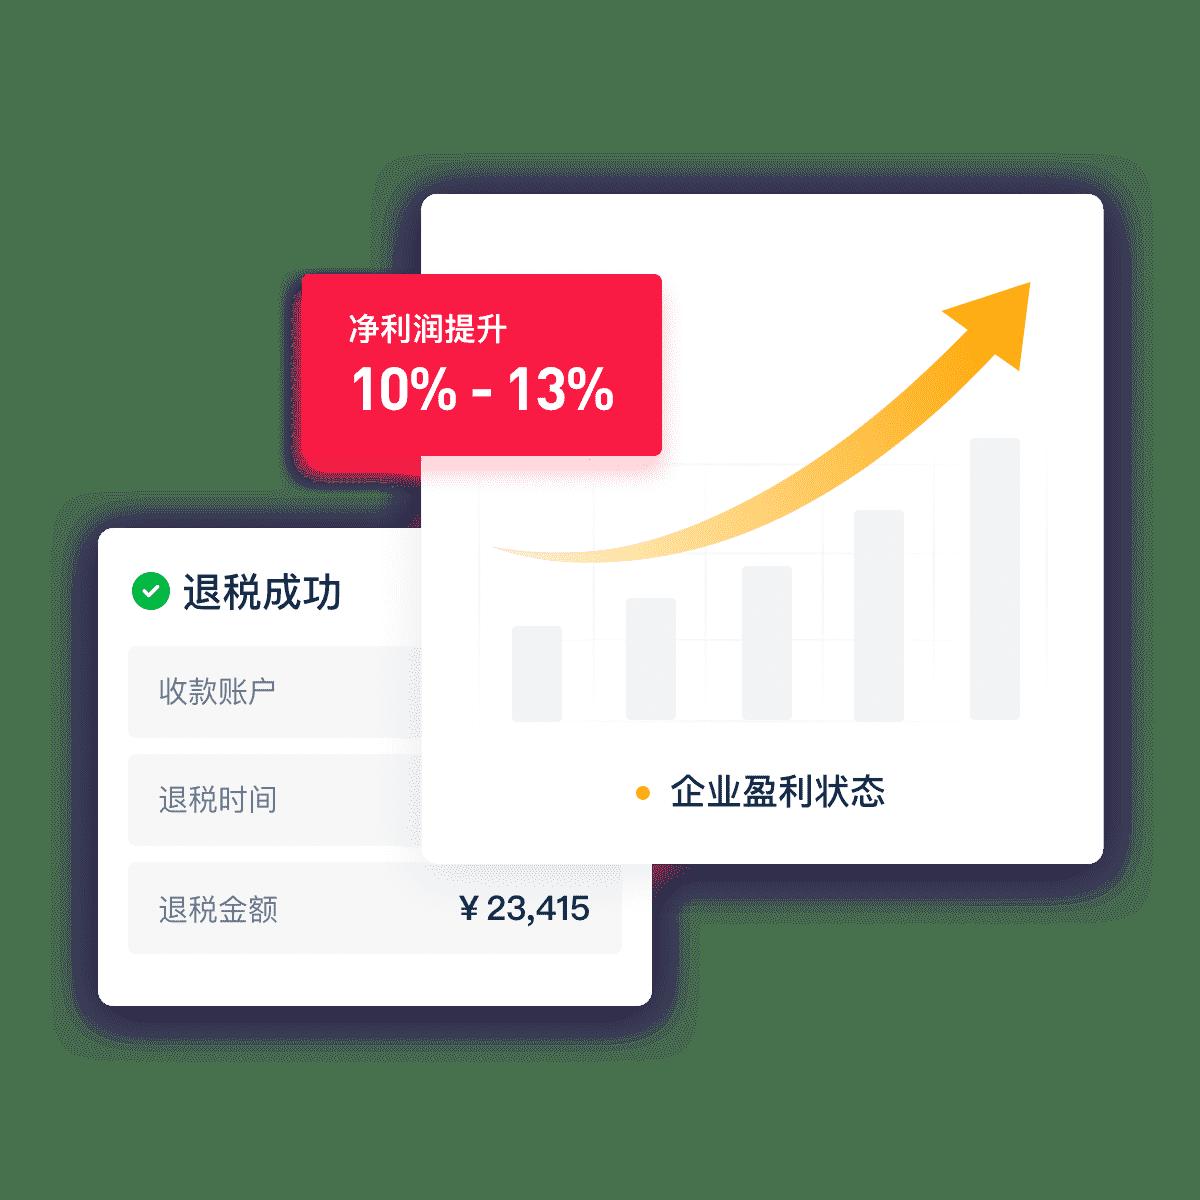 净利润再次提升 10% - 13%